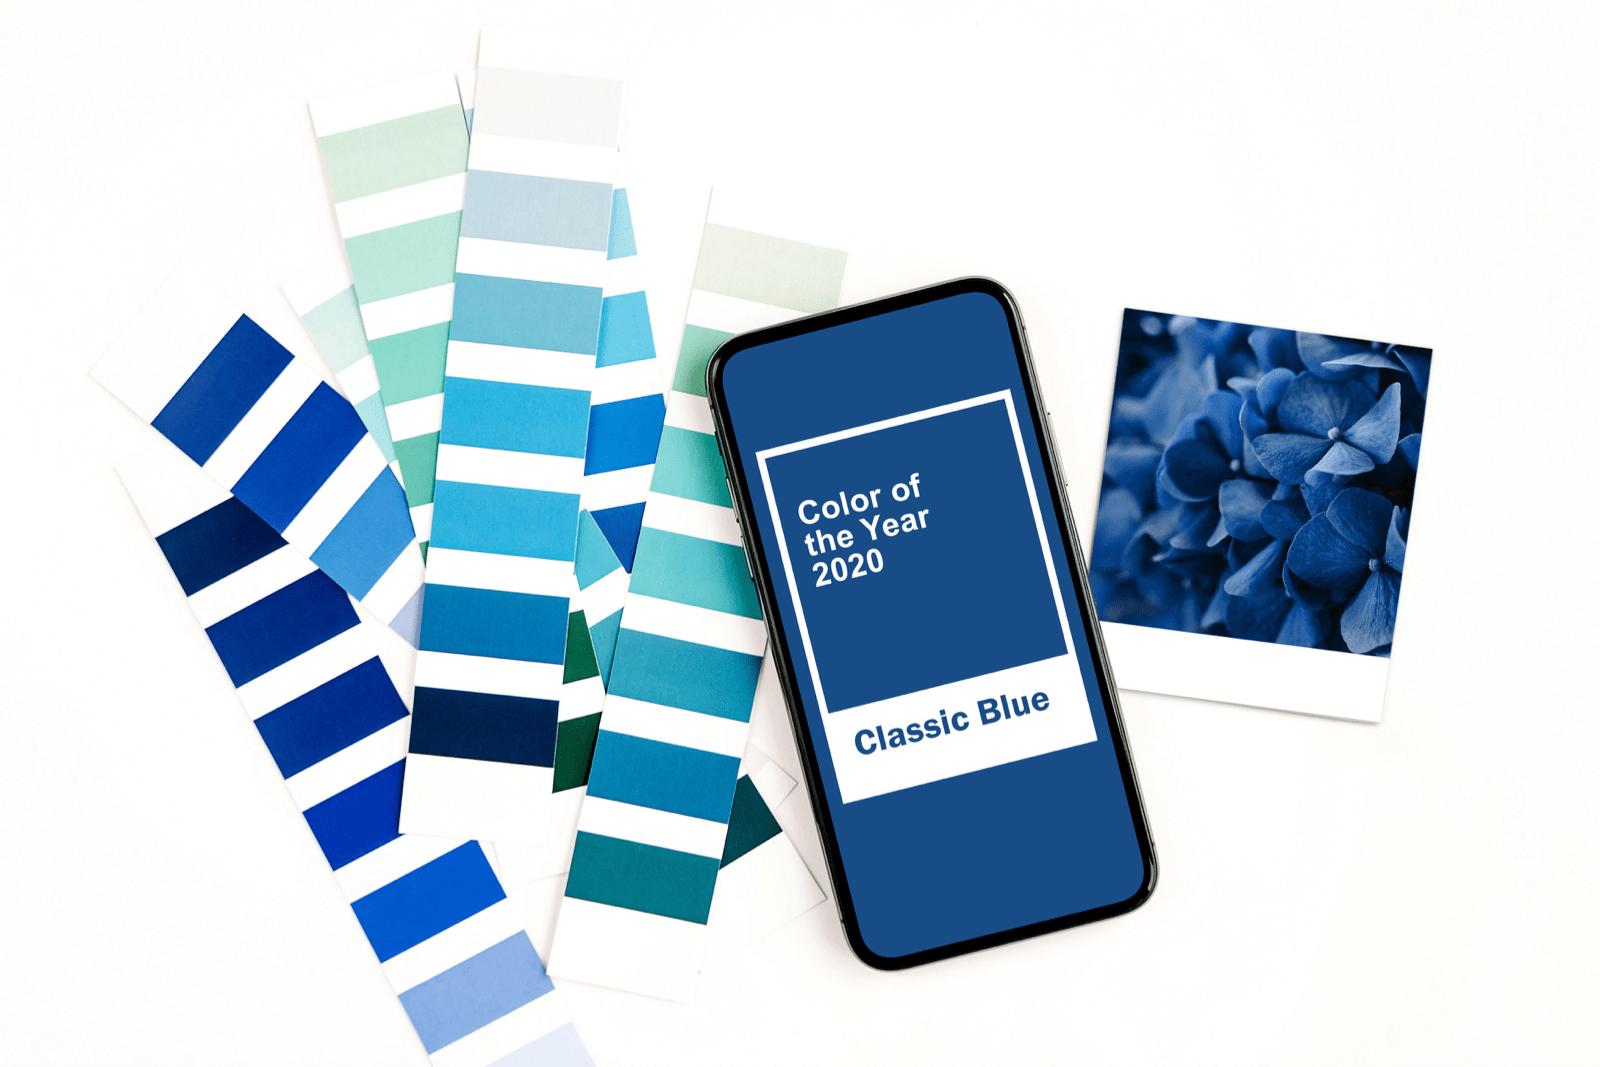 2020年の色を写したスマートフォンと色見本